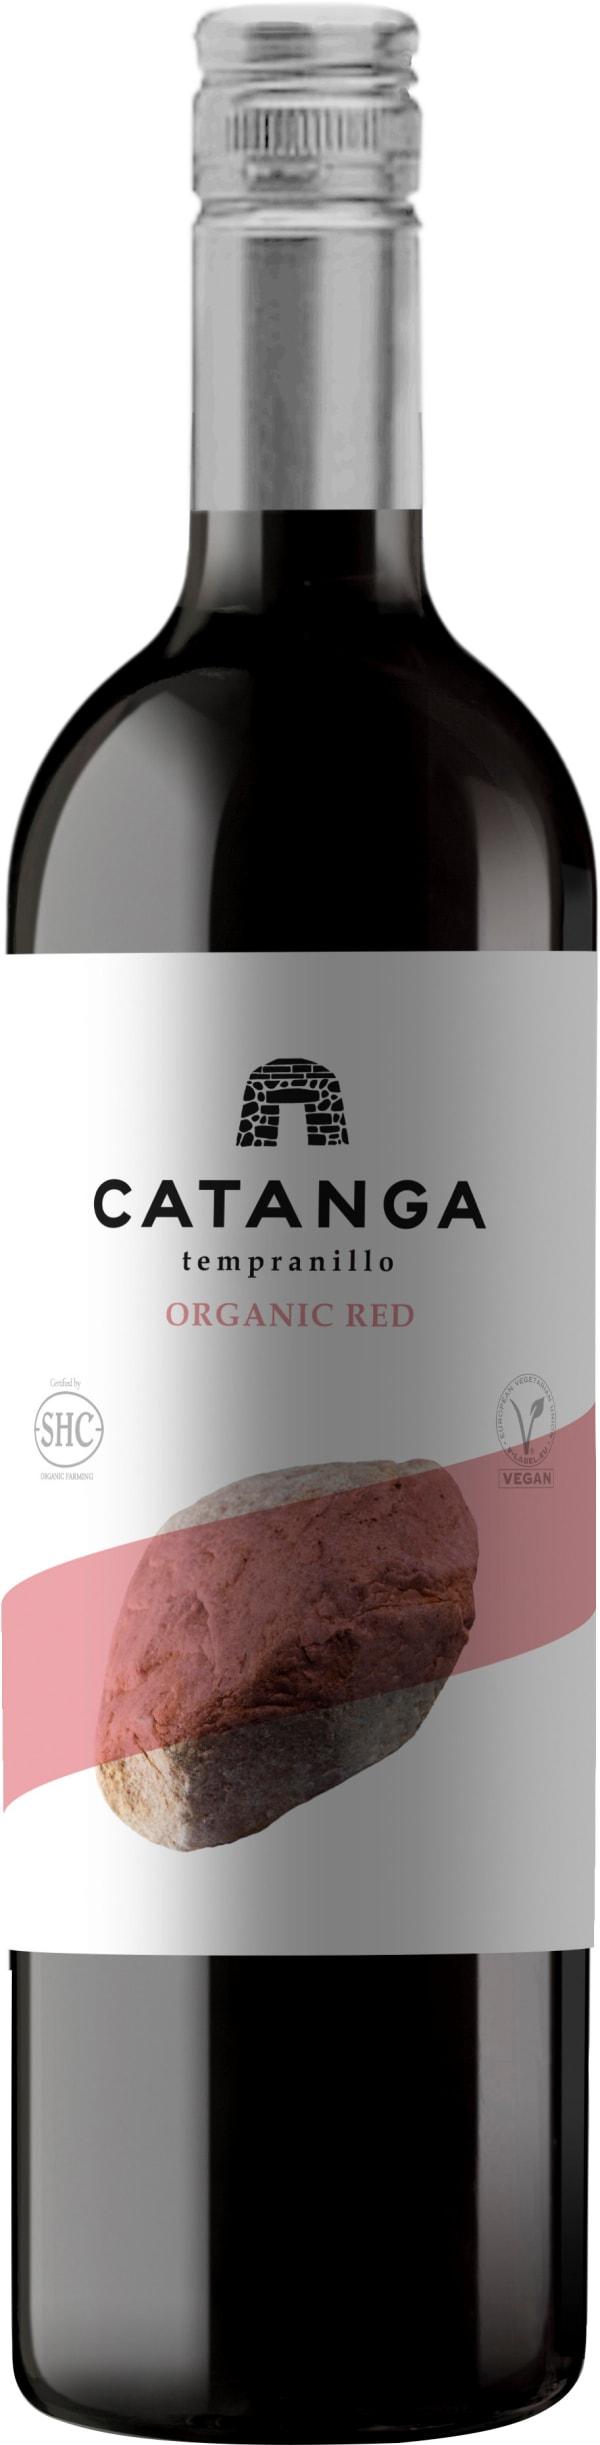 Latue Catanga Organic Red